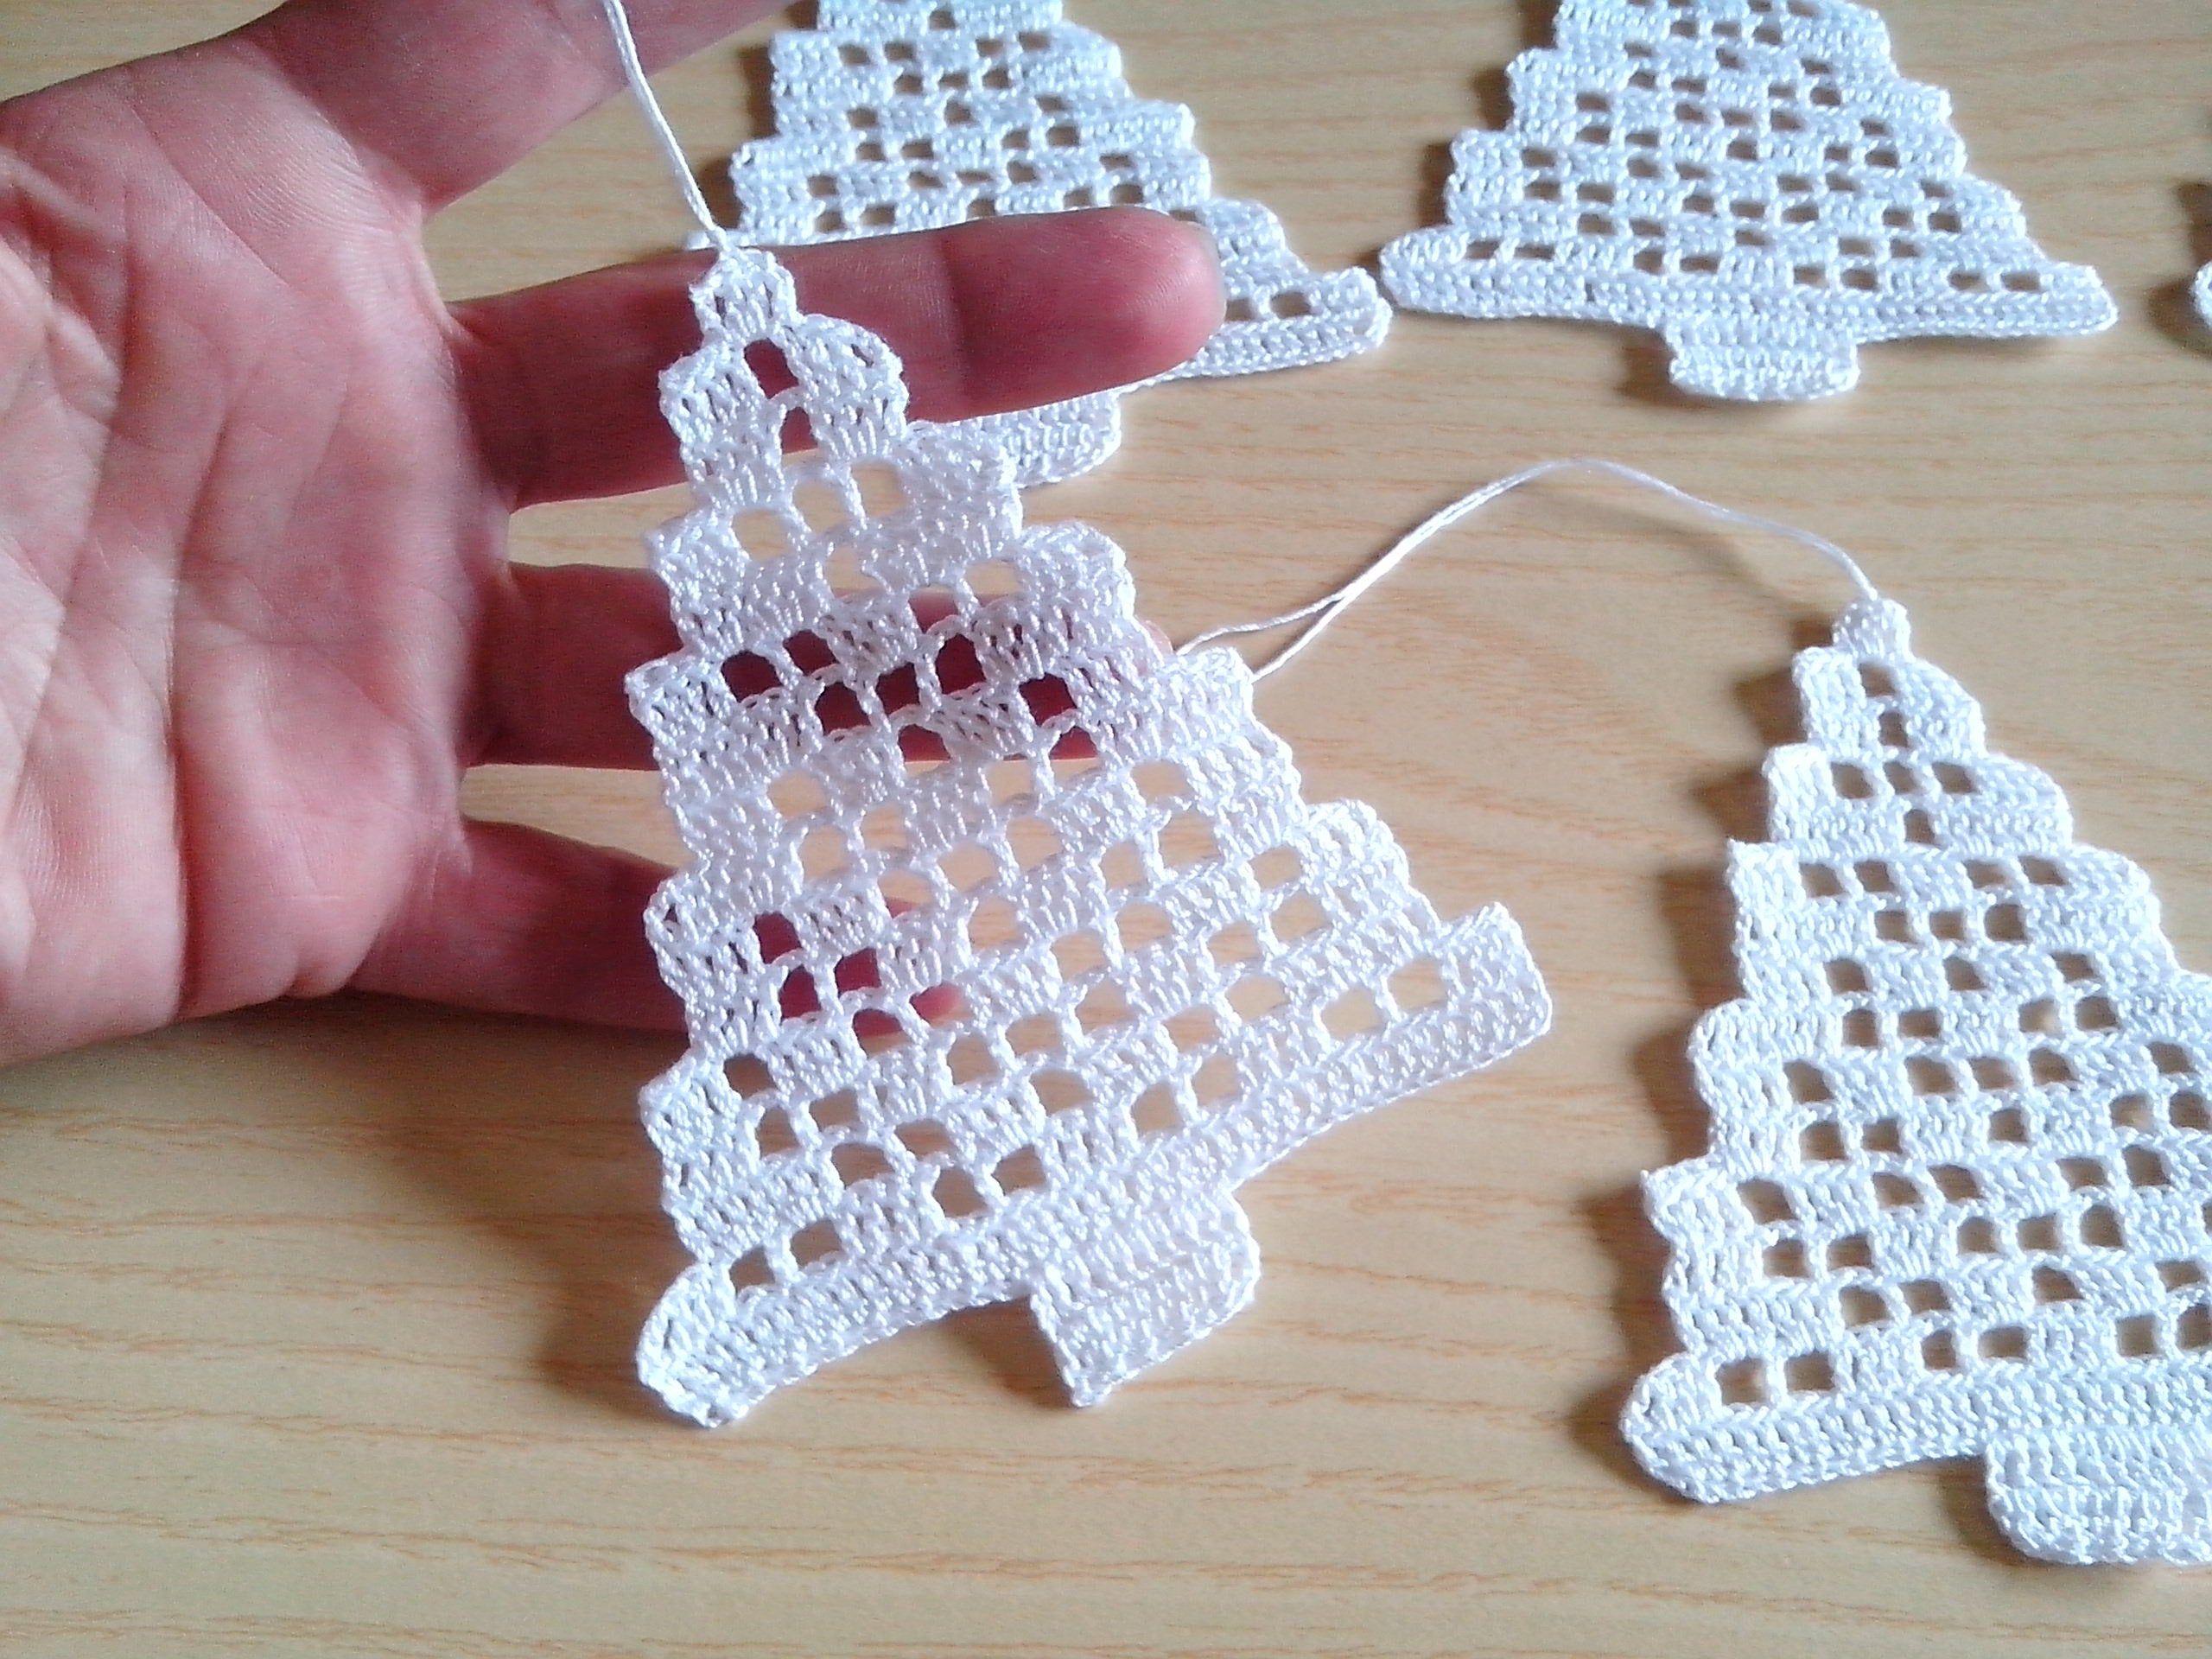 Set 6 Ornamentos Navidad crochet árboles de Navidad decoraciones de Navidad conjunto de 6 decoraciones en forma de ganchillo crochet decoraciones de navidad decoraciones cerca paquete